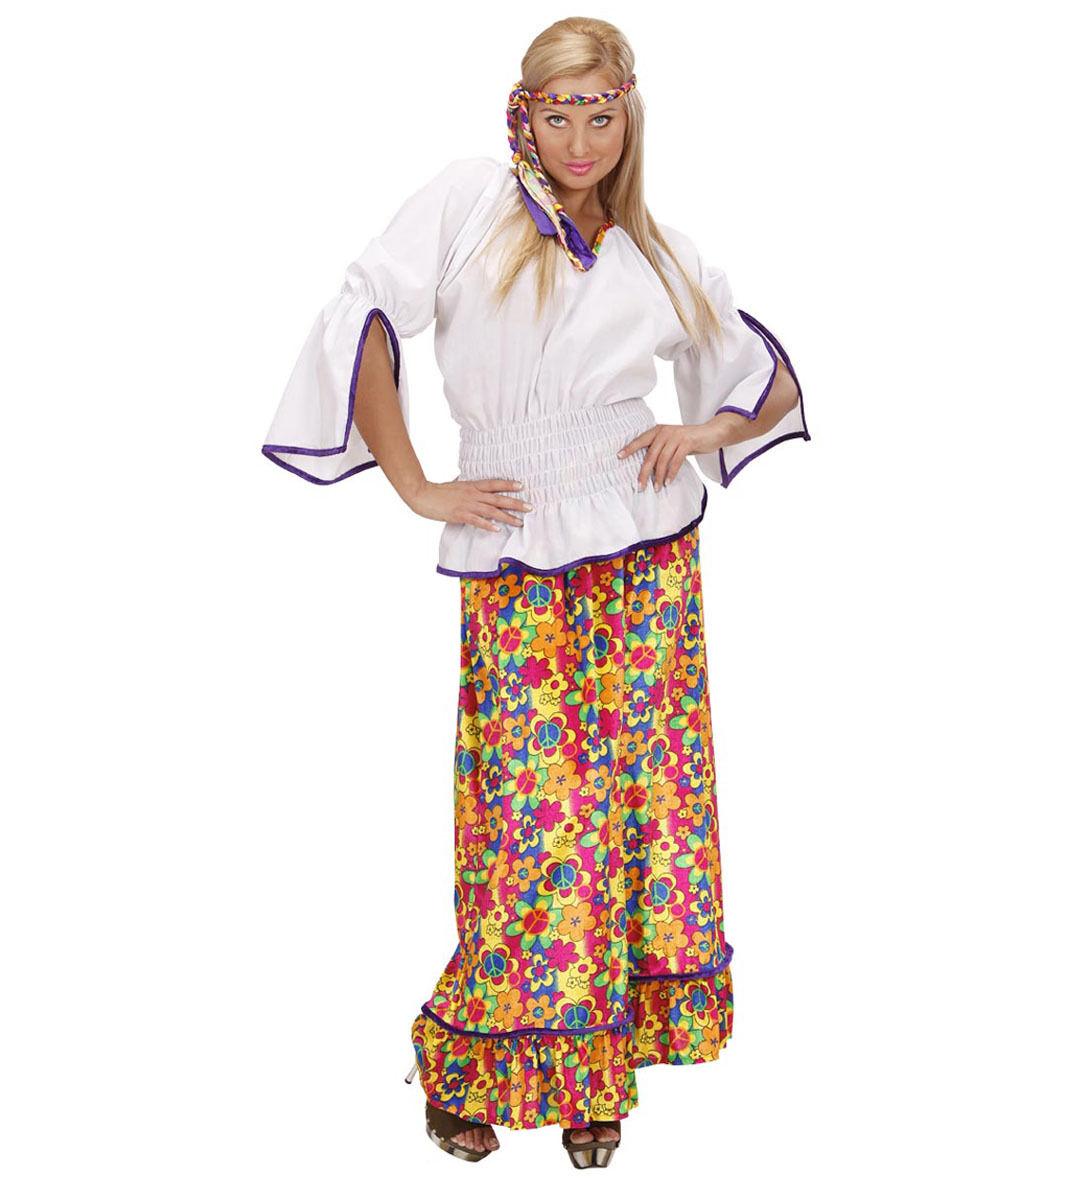 Top Damen Hippie Retro Kostüm 60er 70er Jahre Pop Disco: WIM 73311 Hippie Woman Flower Power 60er 70er Retro